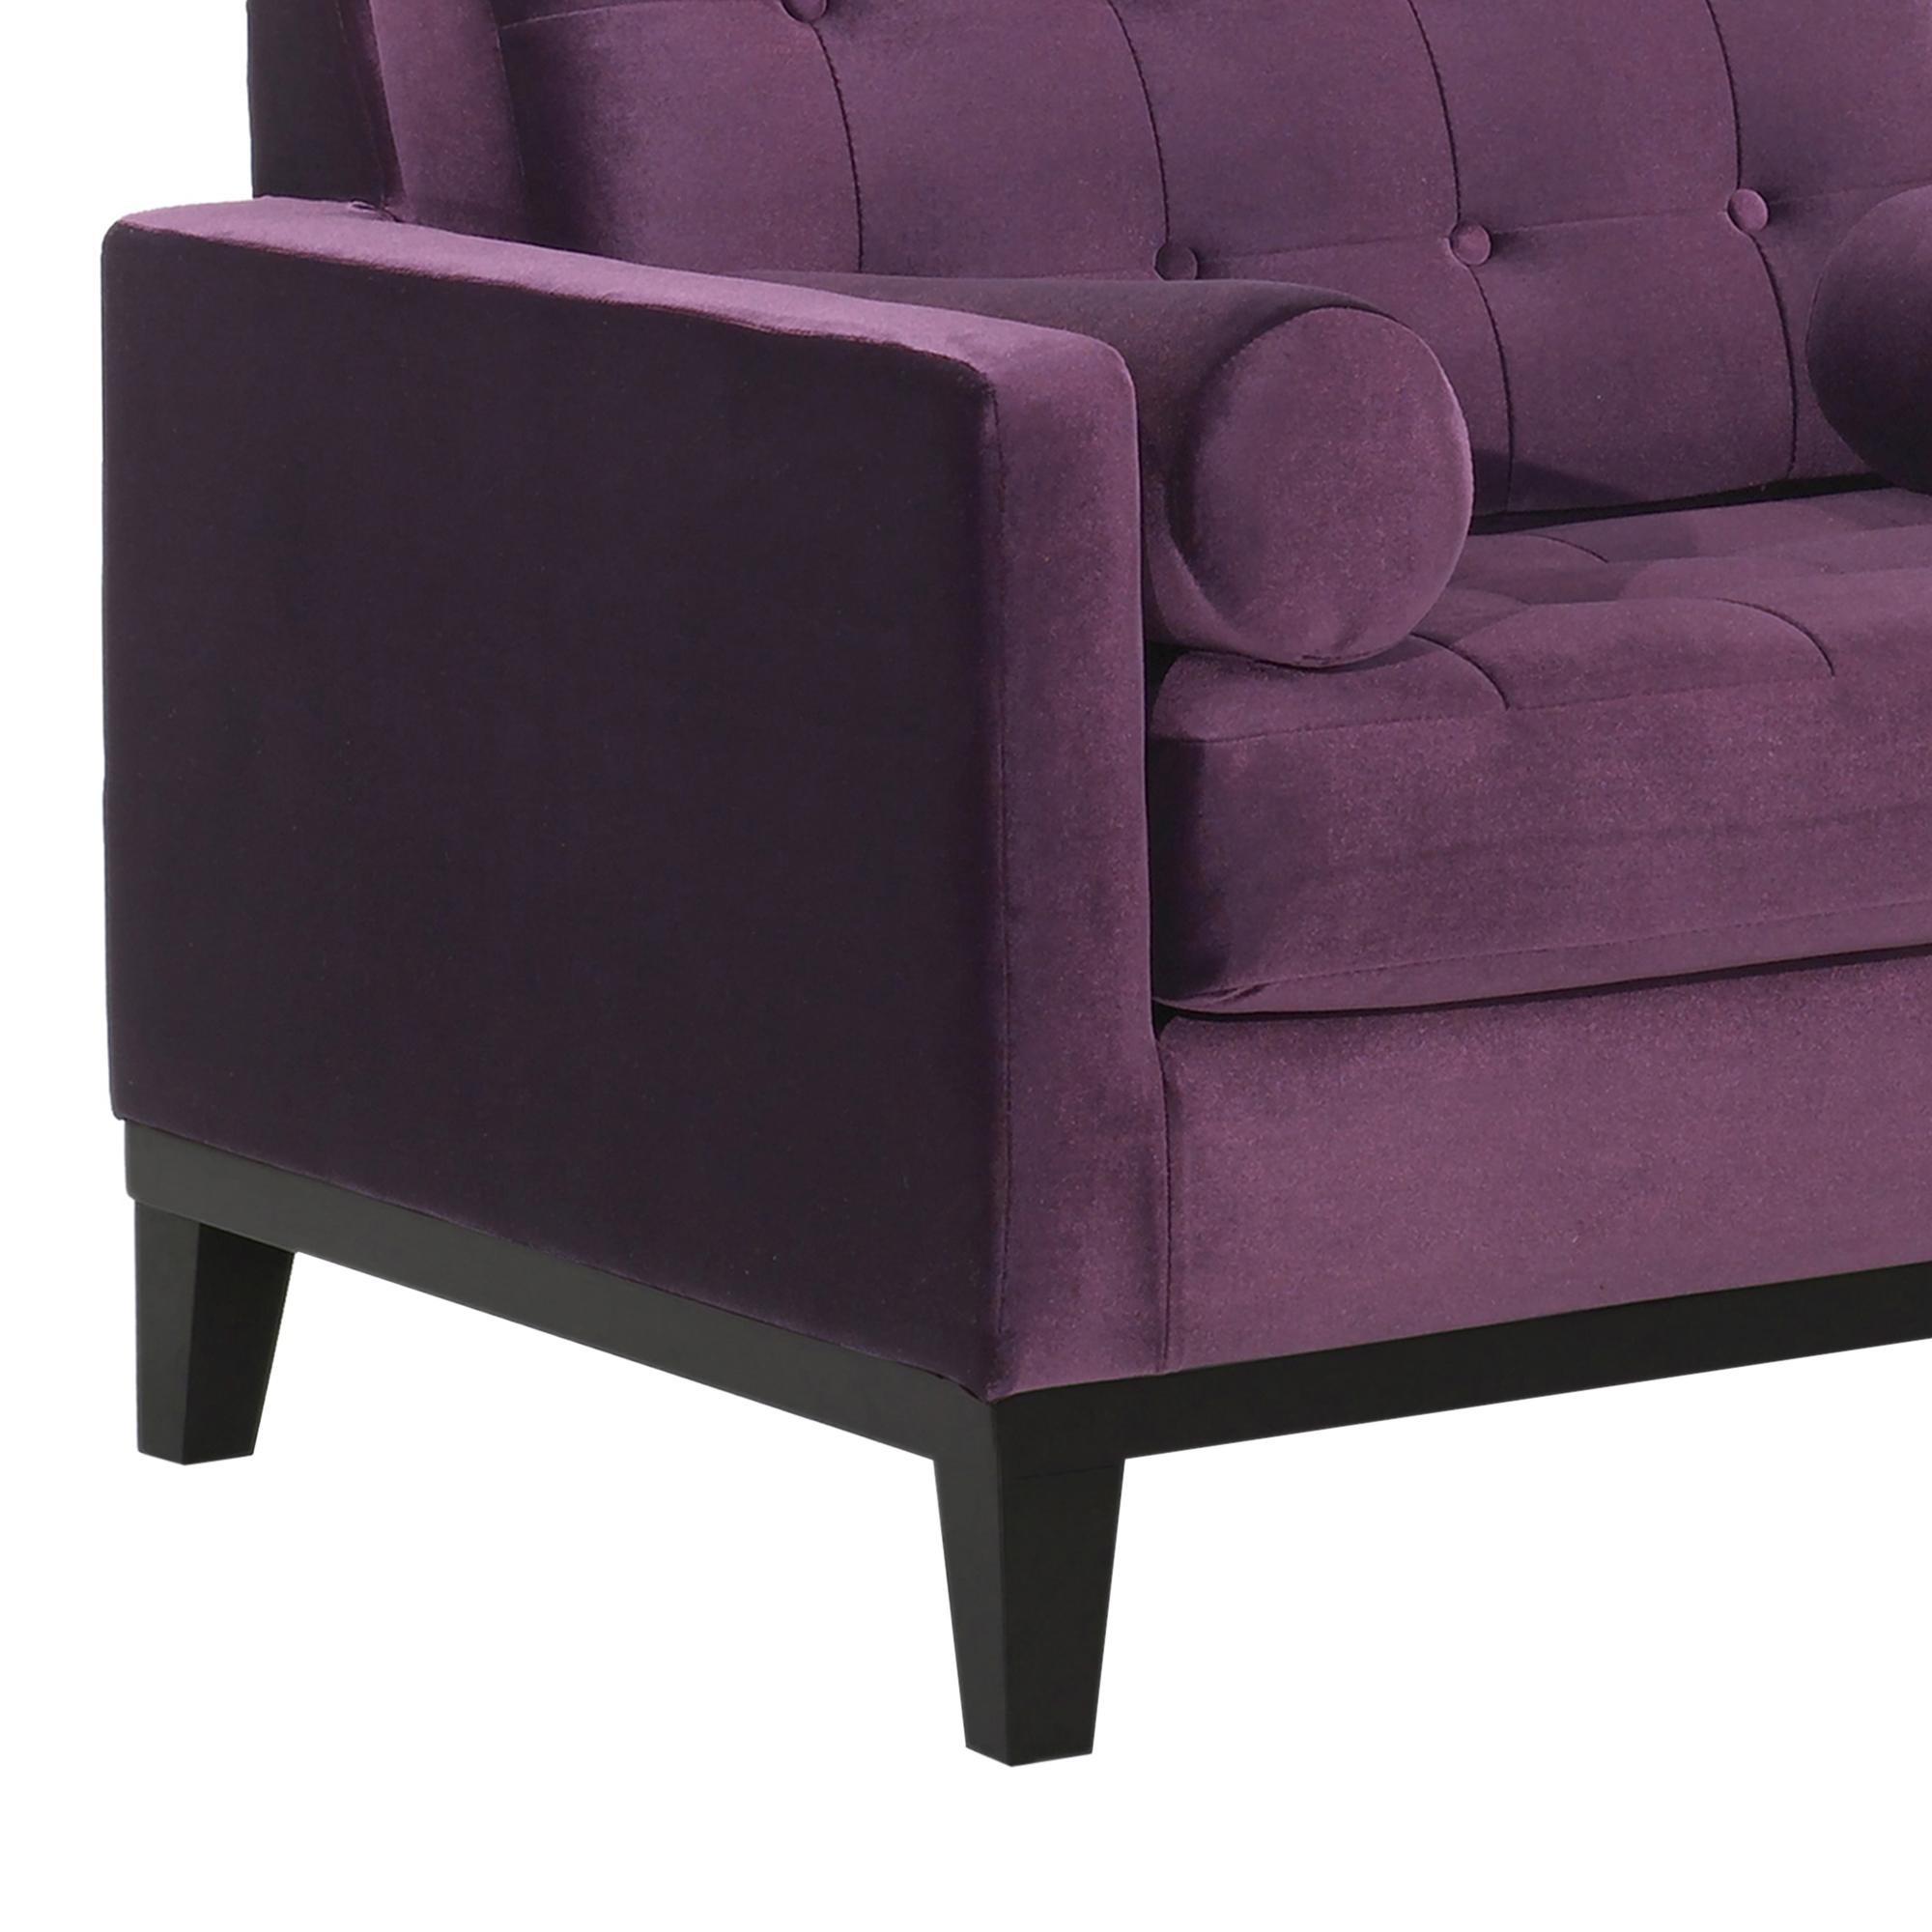 Armen Living Centennial Chair in Purple Velvet